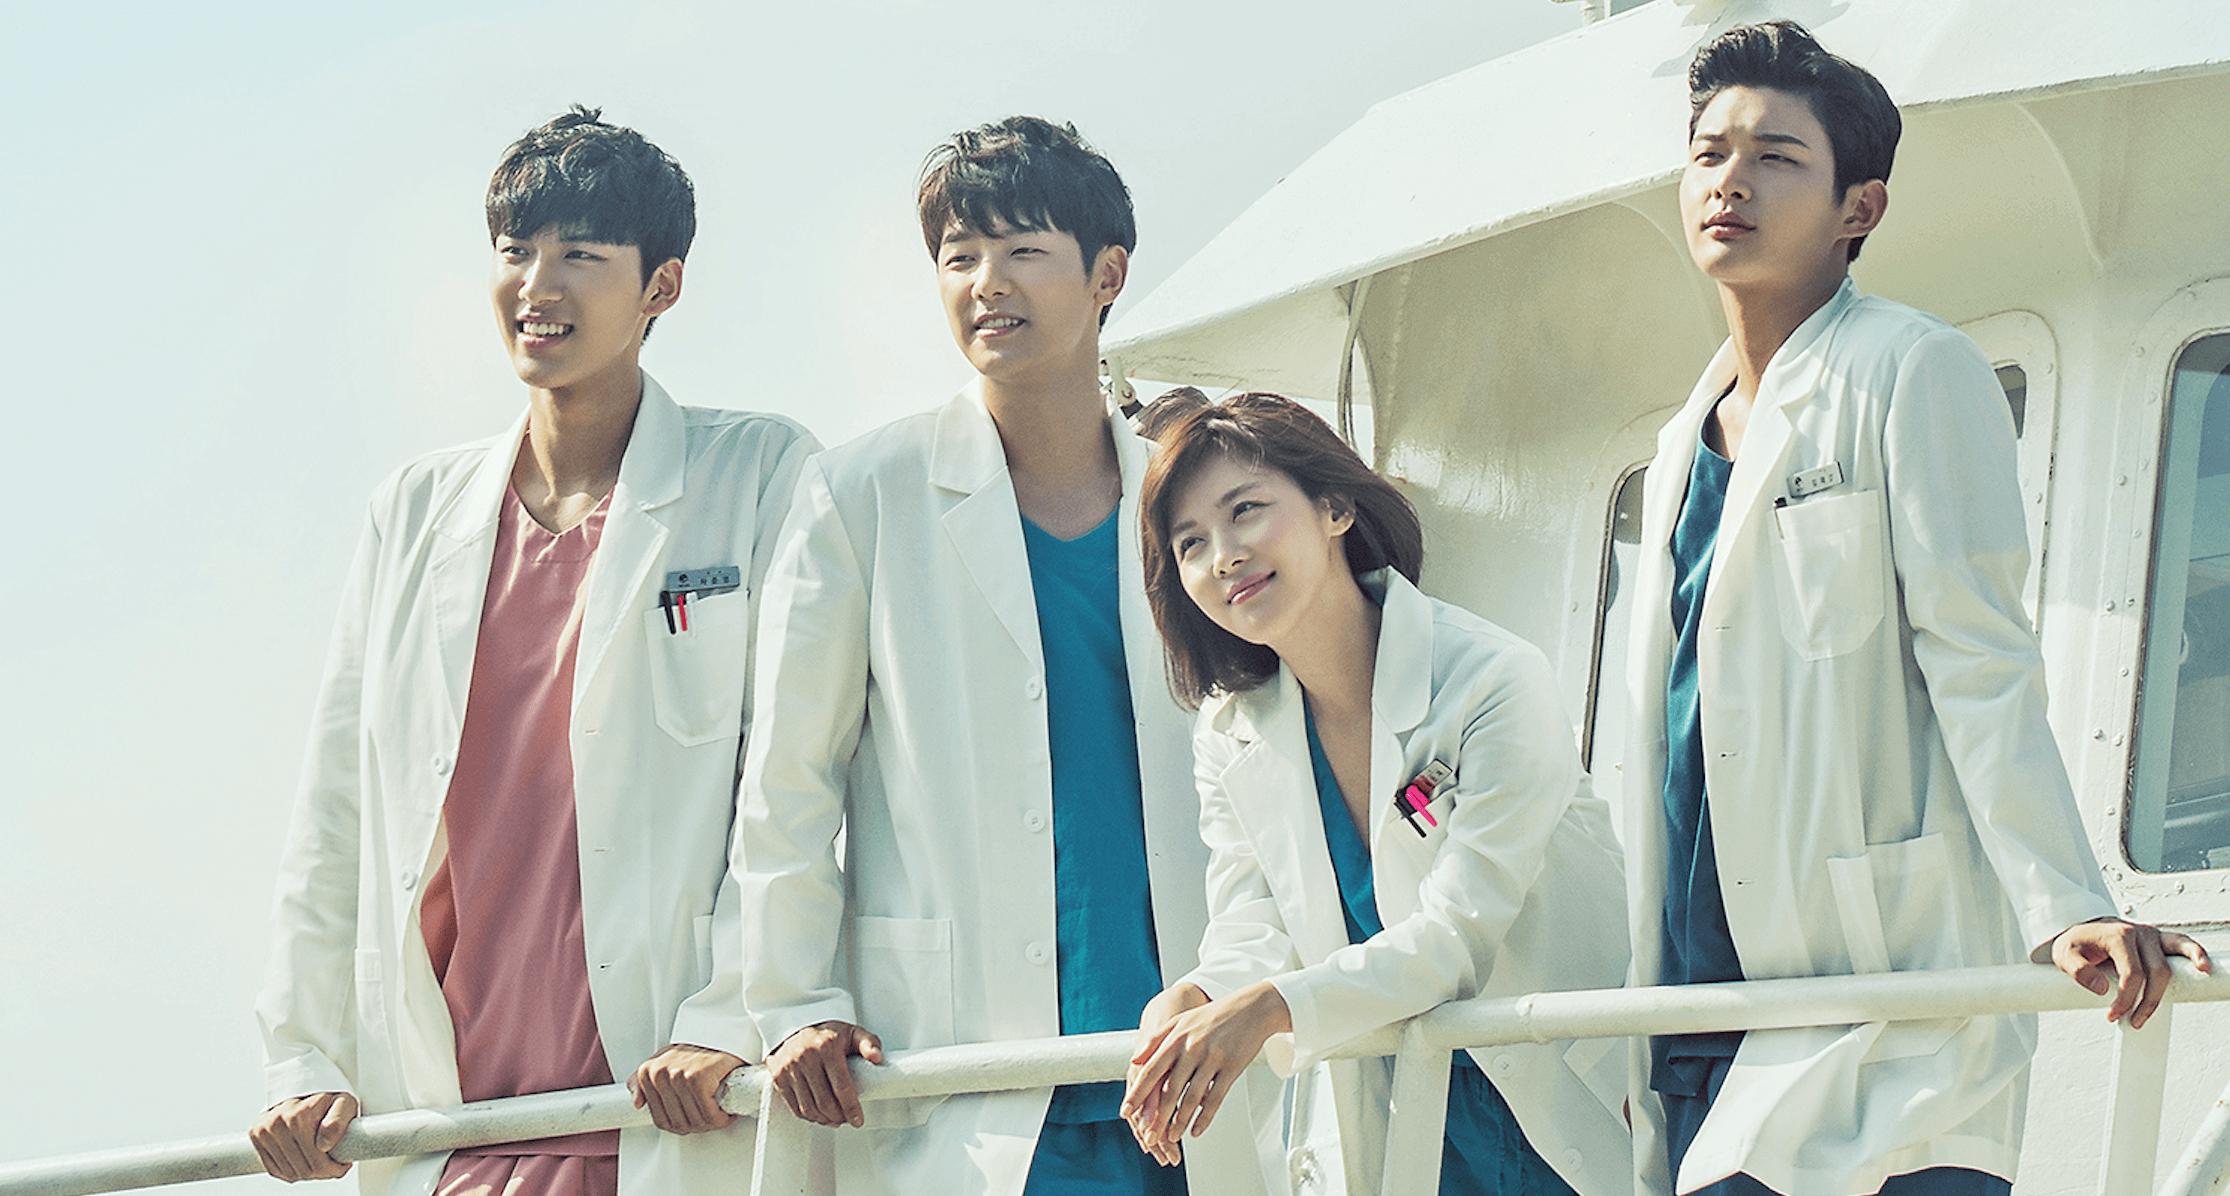 韓劇《醫療船》跟播線上看:姜敏赫濕身出演 與河智苑共譜戀情